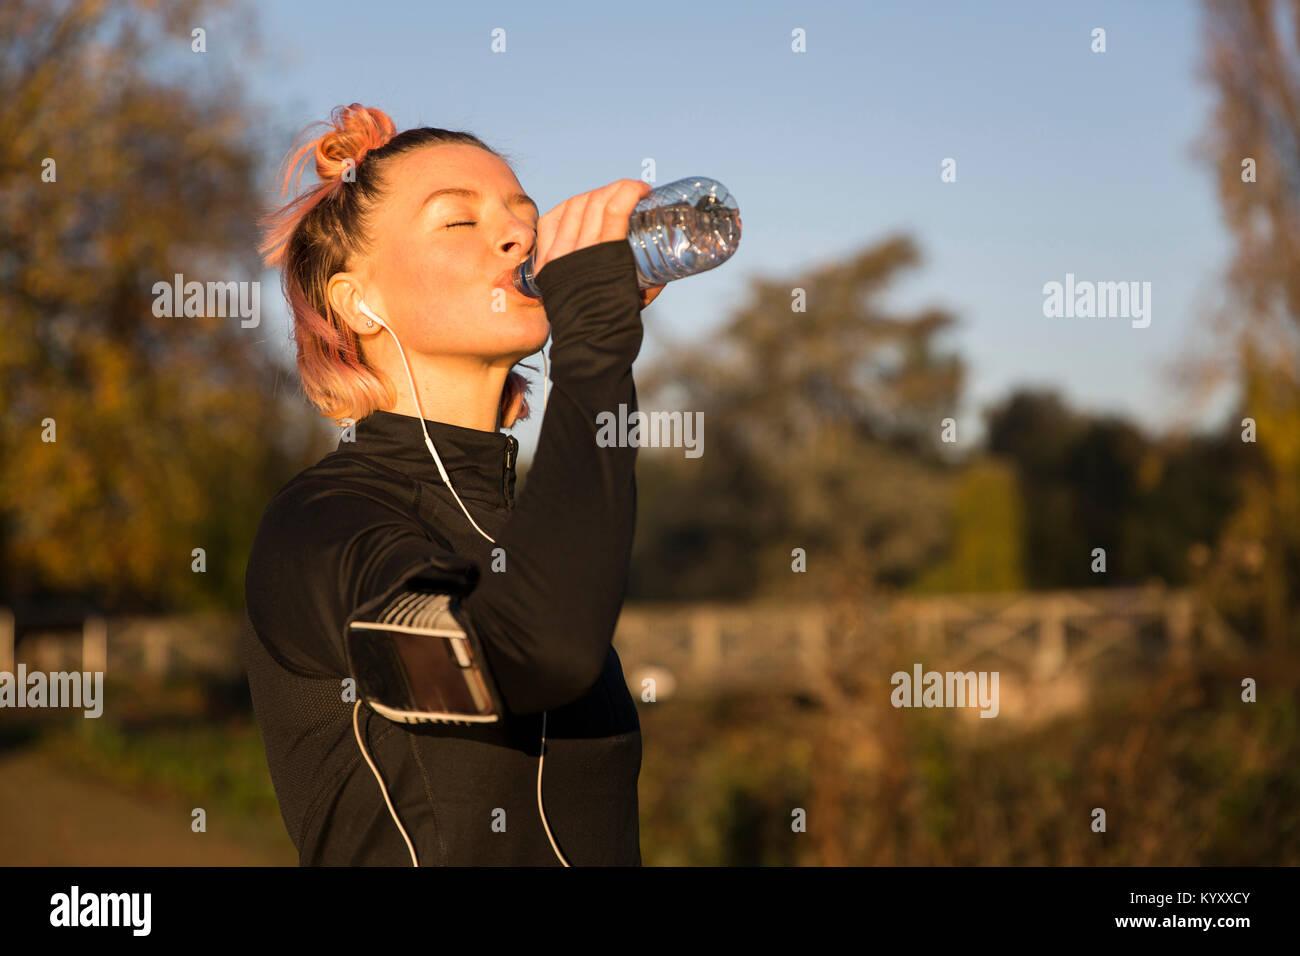 Donna acqua potabile mentre si ascolta la musica al parco Immagini Stock